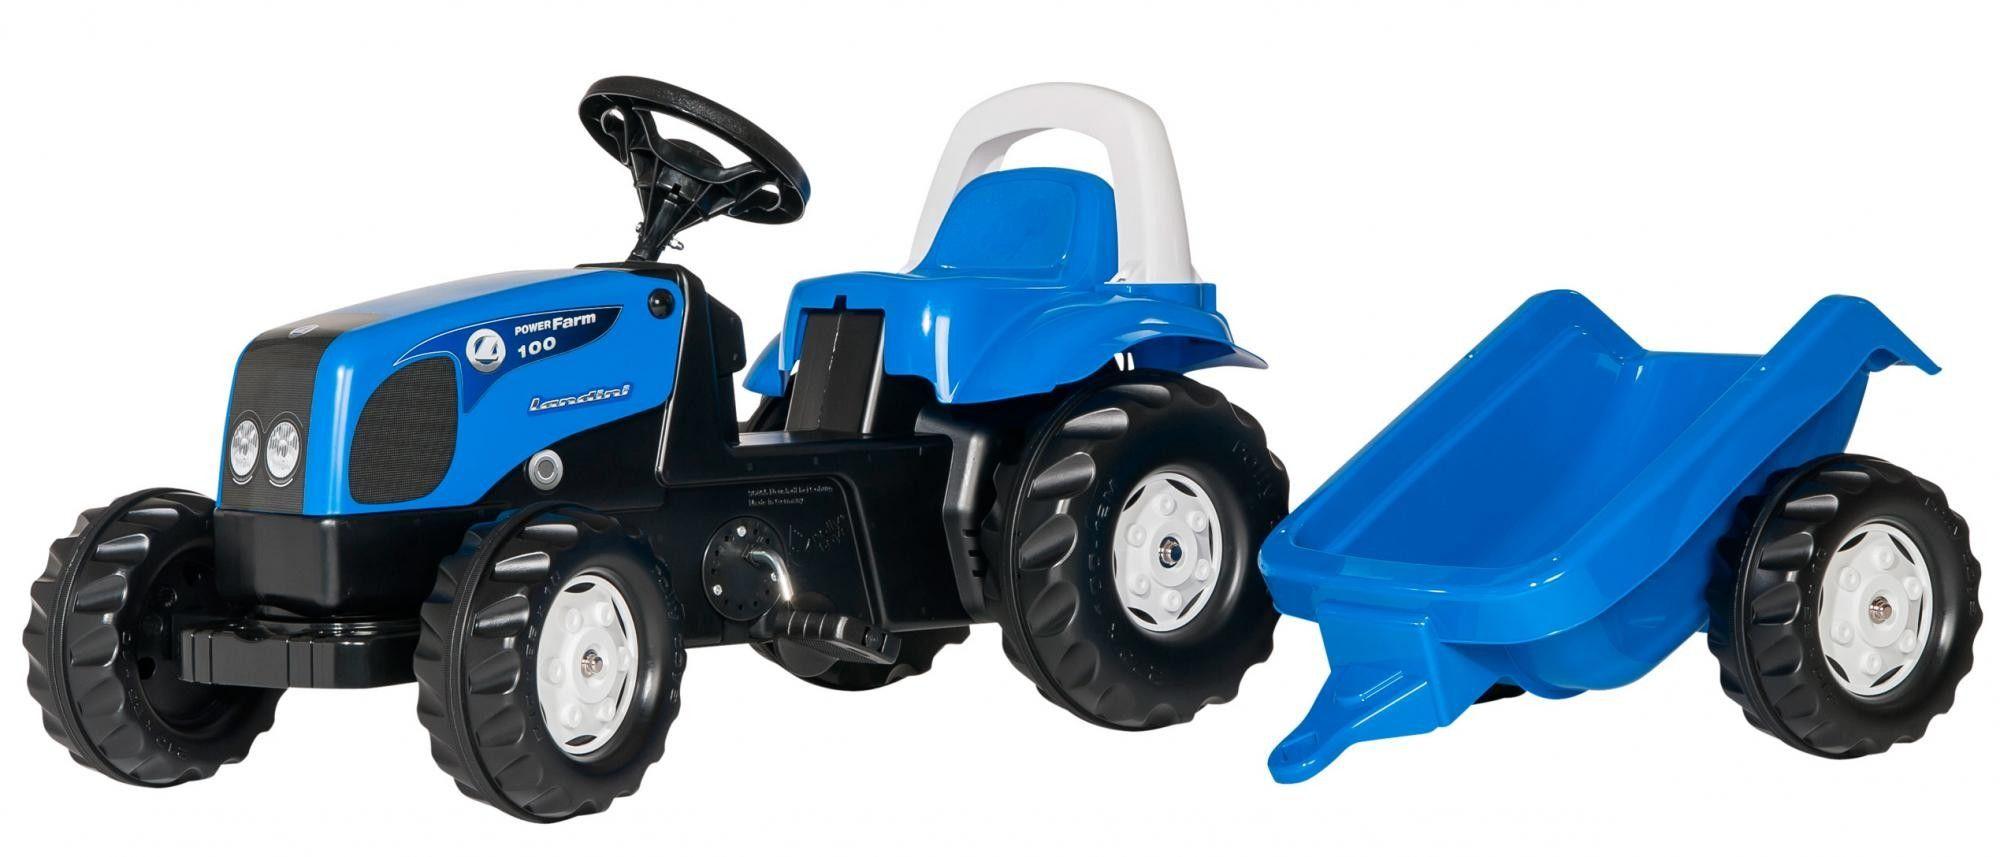 Rolly Toys Traktor Kid Landini z przyczepką